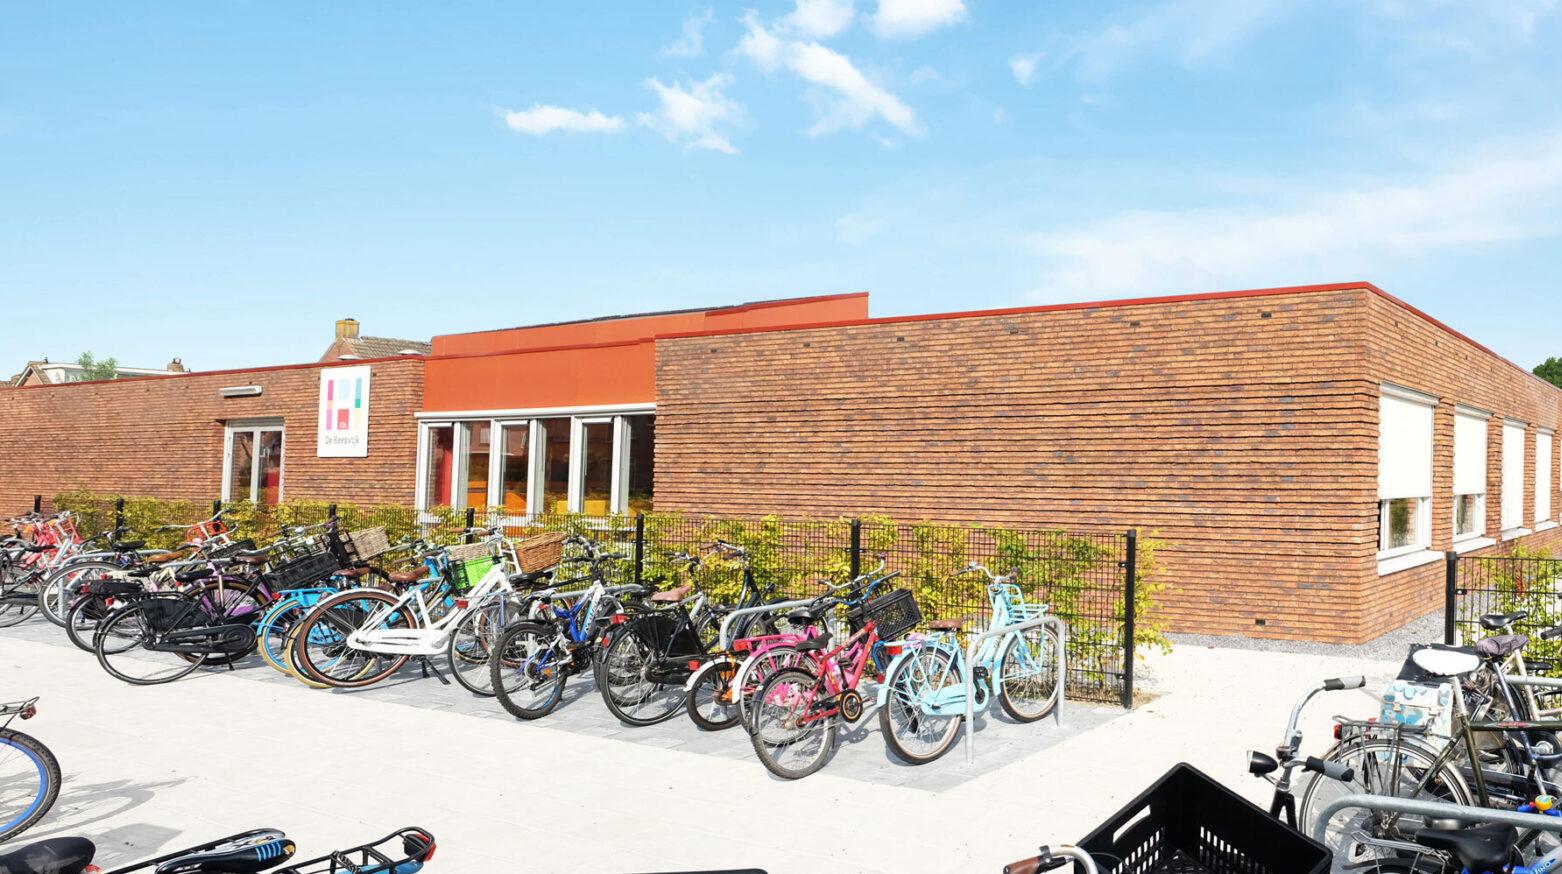 Kbs de heeswijk montfoort fietsenstalling